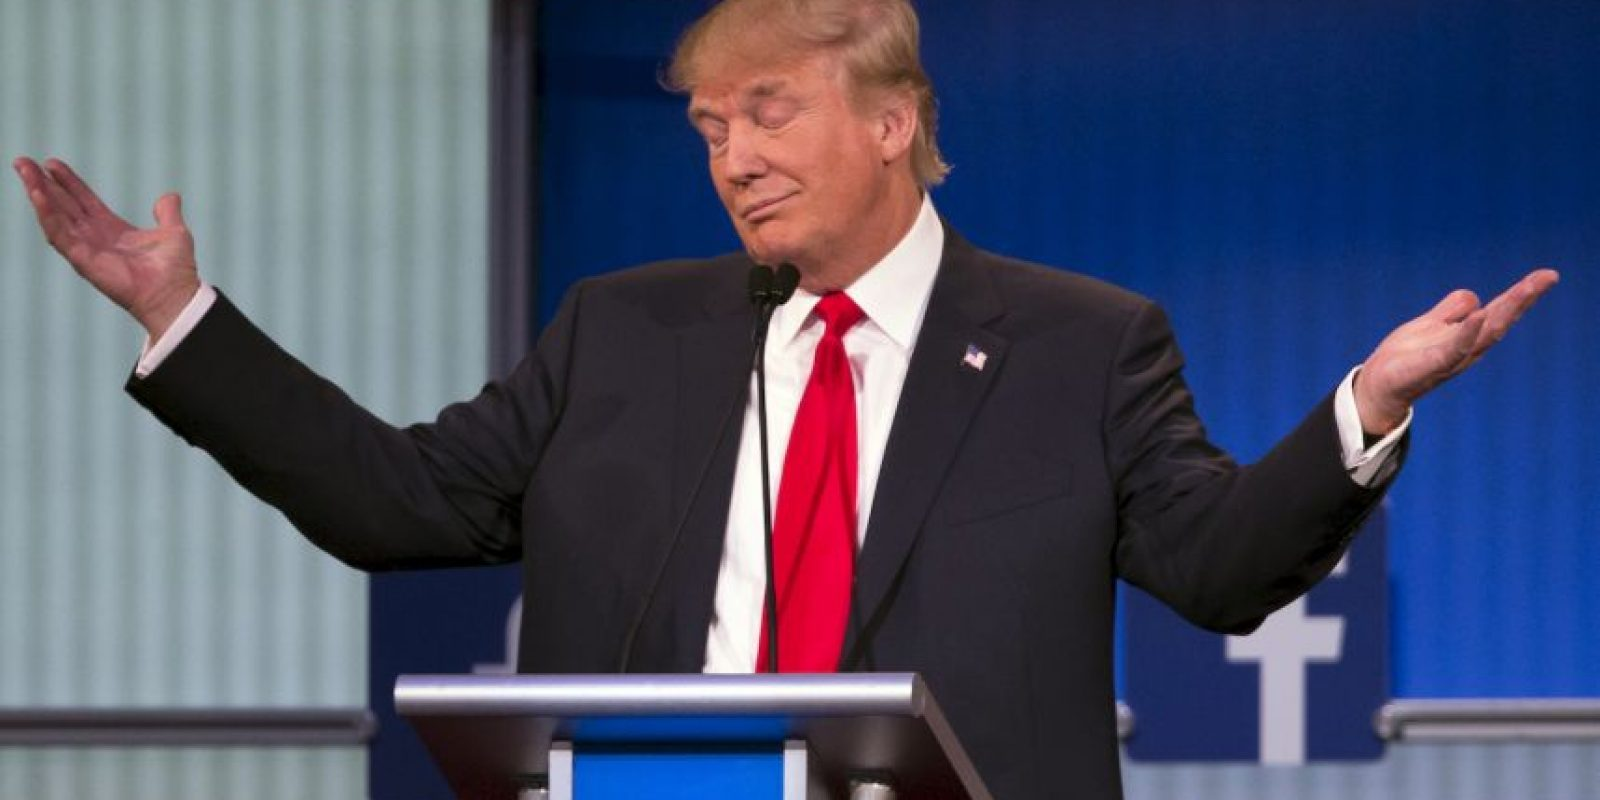 Donald Trump fue el centro de atención del evento por sus controversiales expresiones. Foto:Getty Images